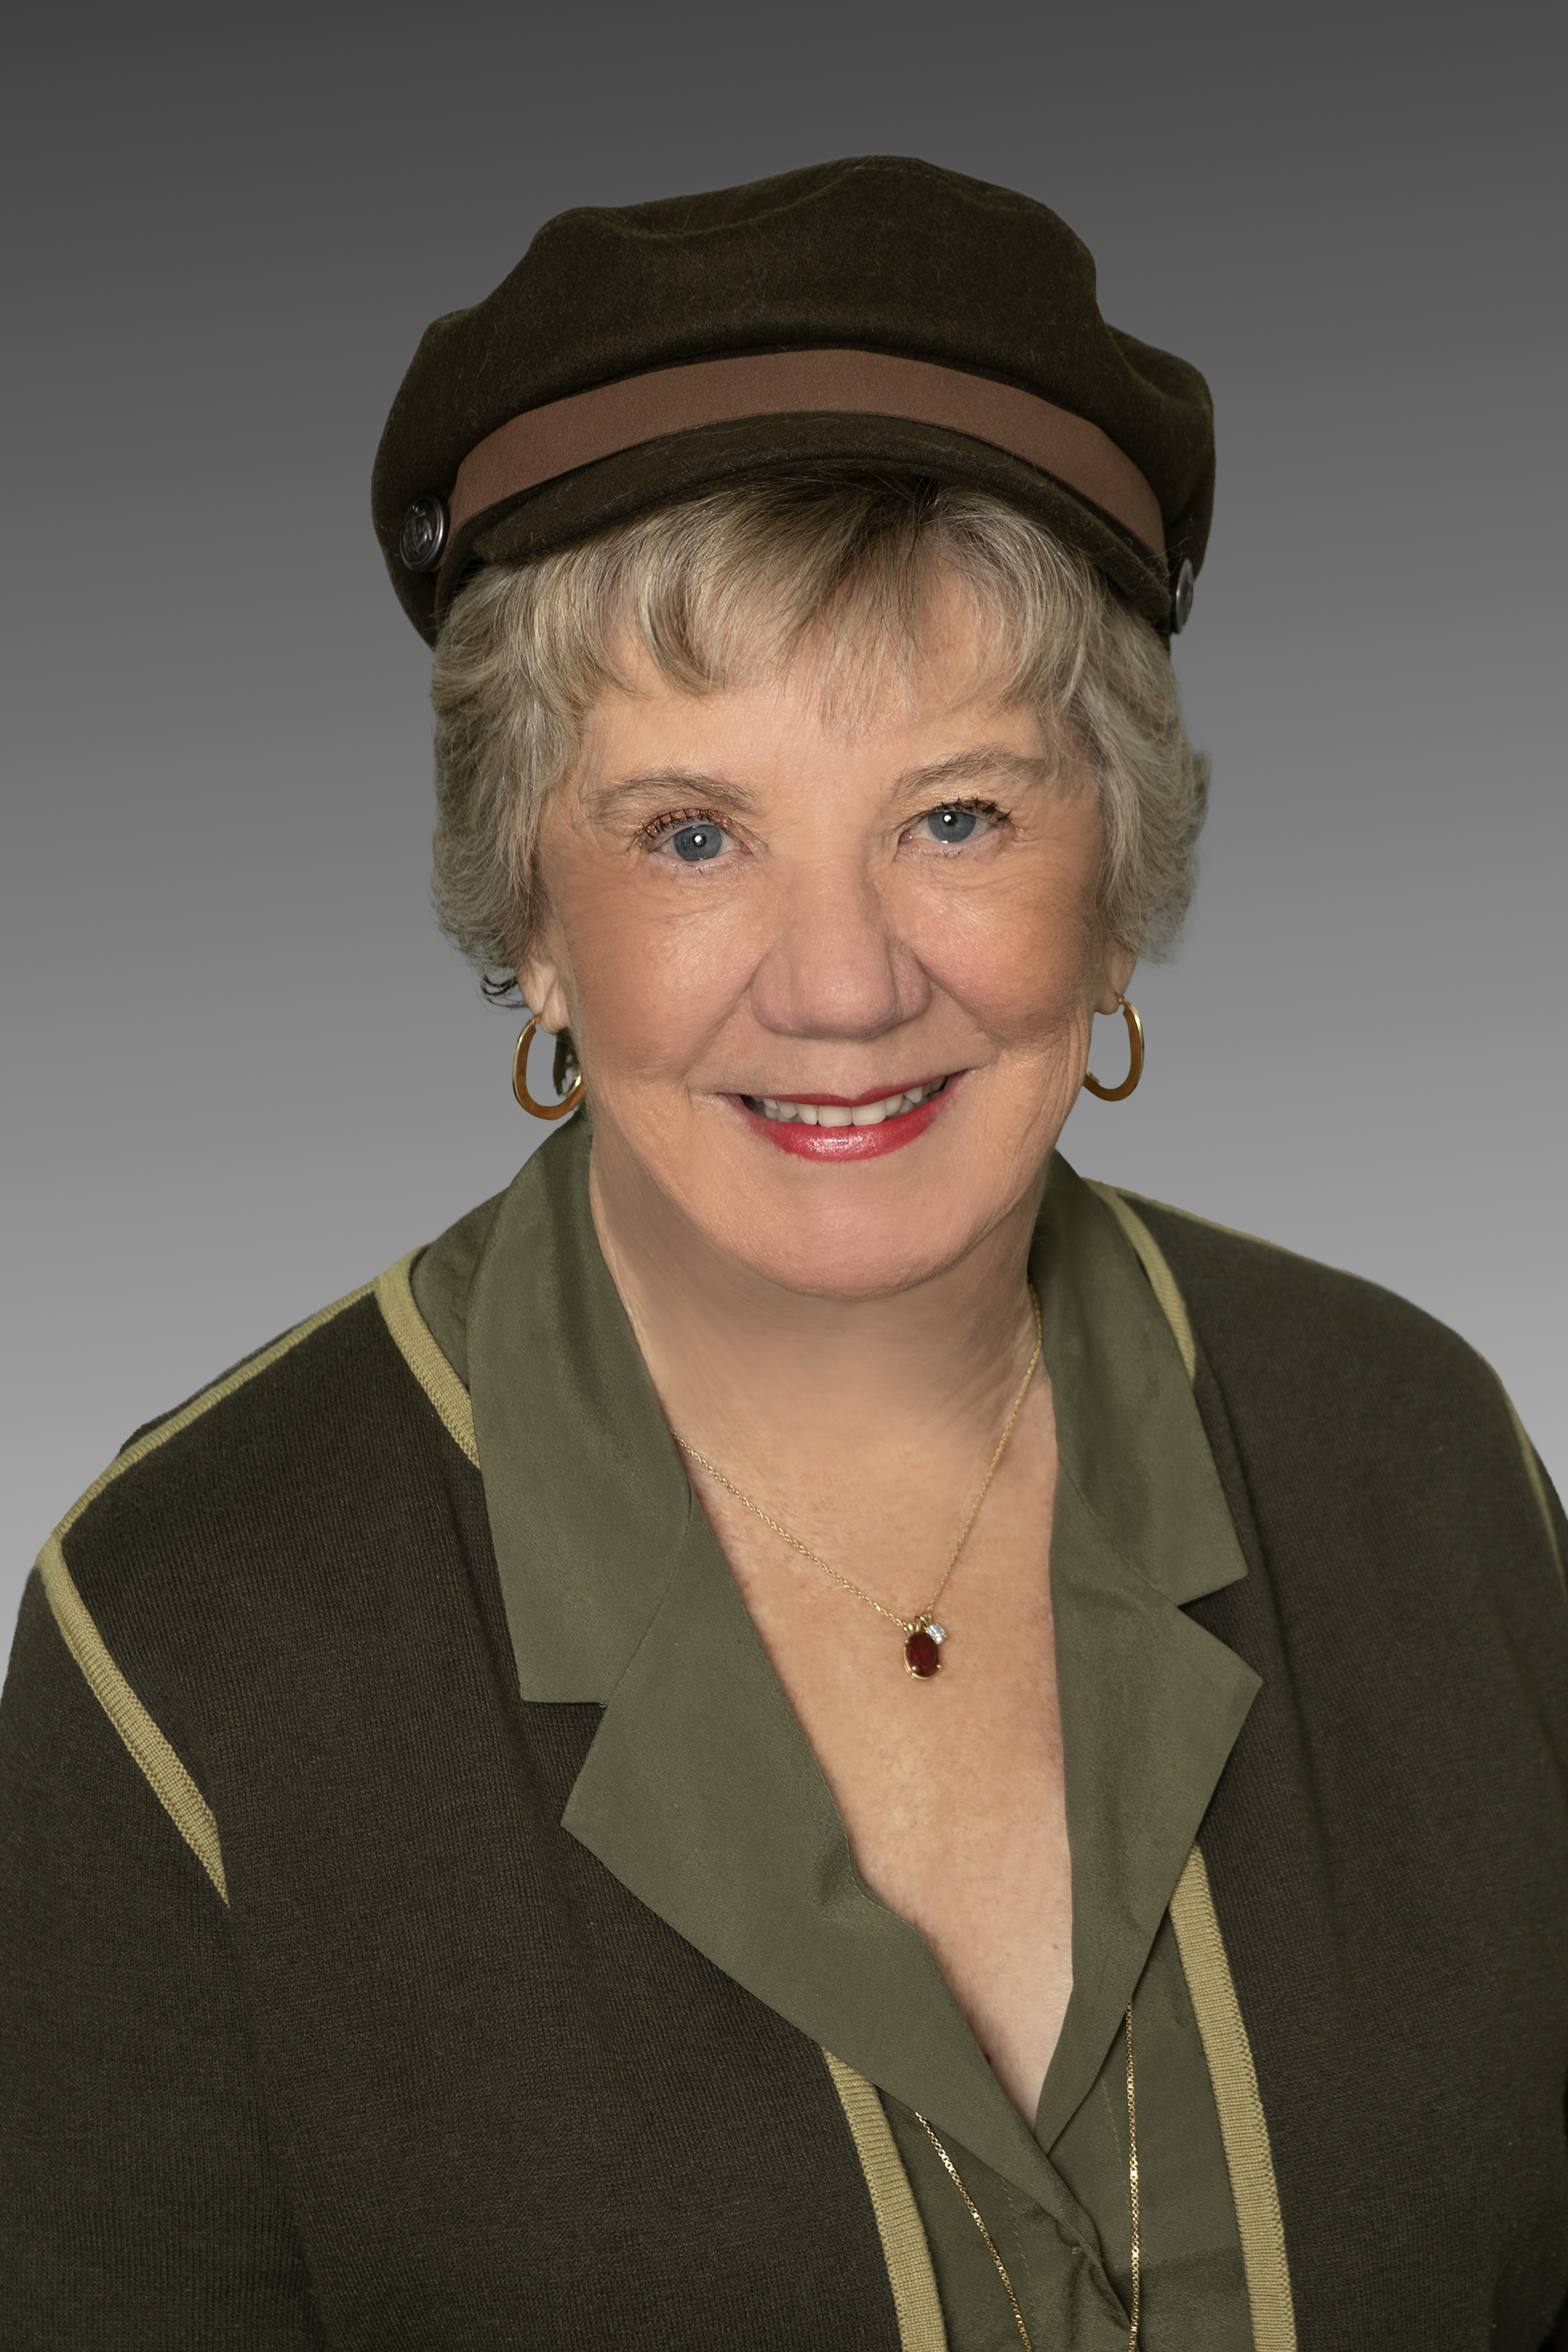 Sally H. Roach